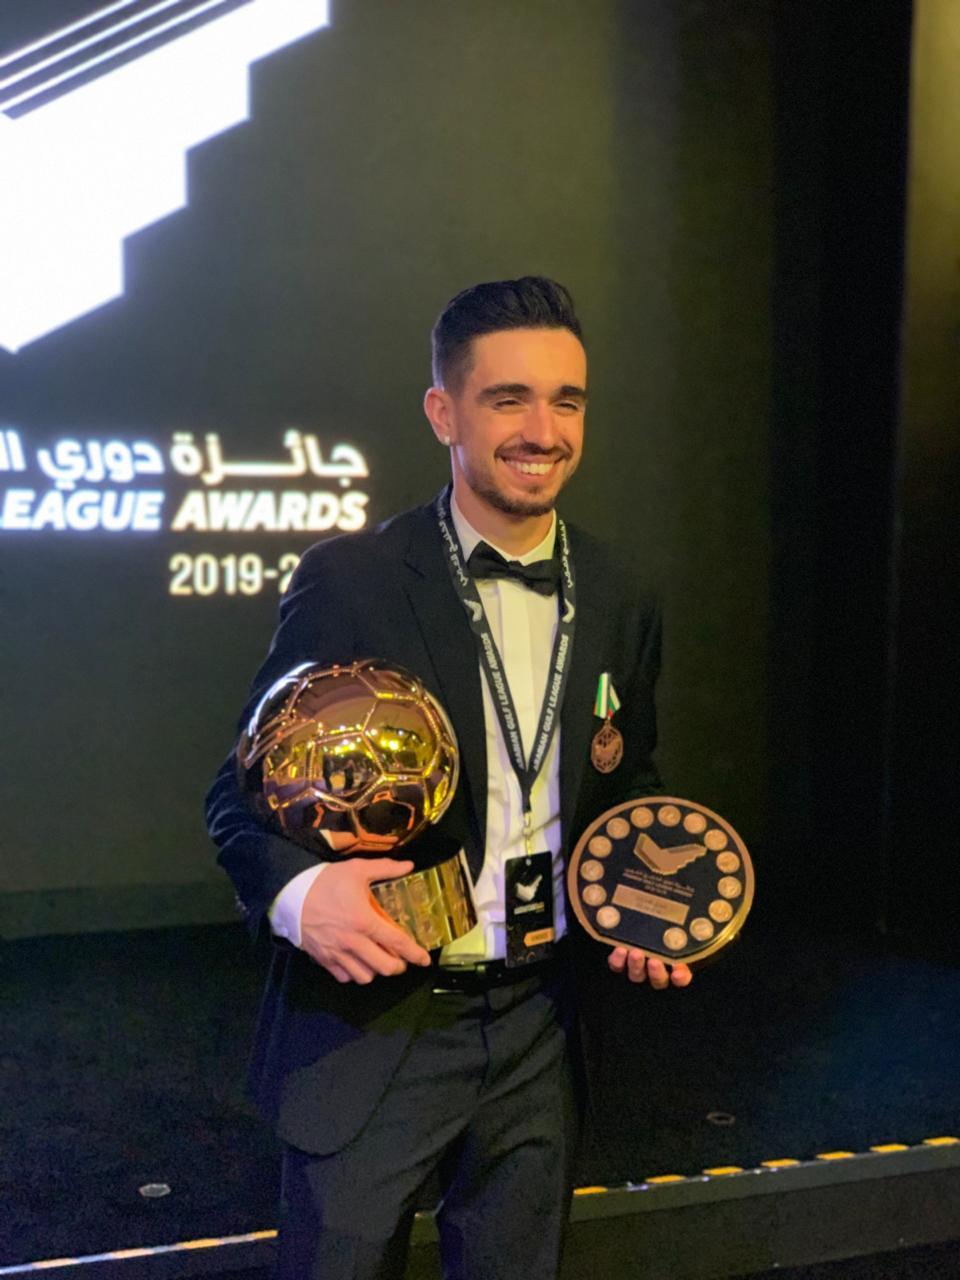 Campeão após 22 anos e melhor estrangeiro nos Emirados Árabes: Igor Coronado celebra 'temporada perfeita'